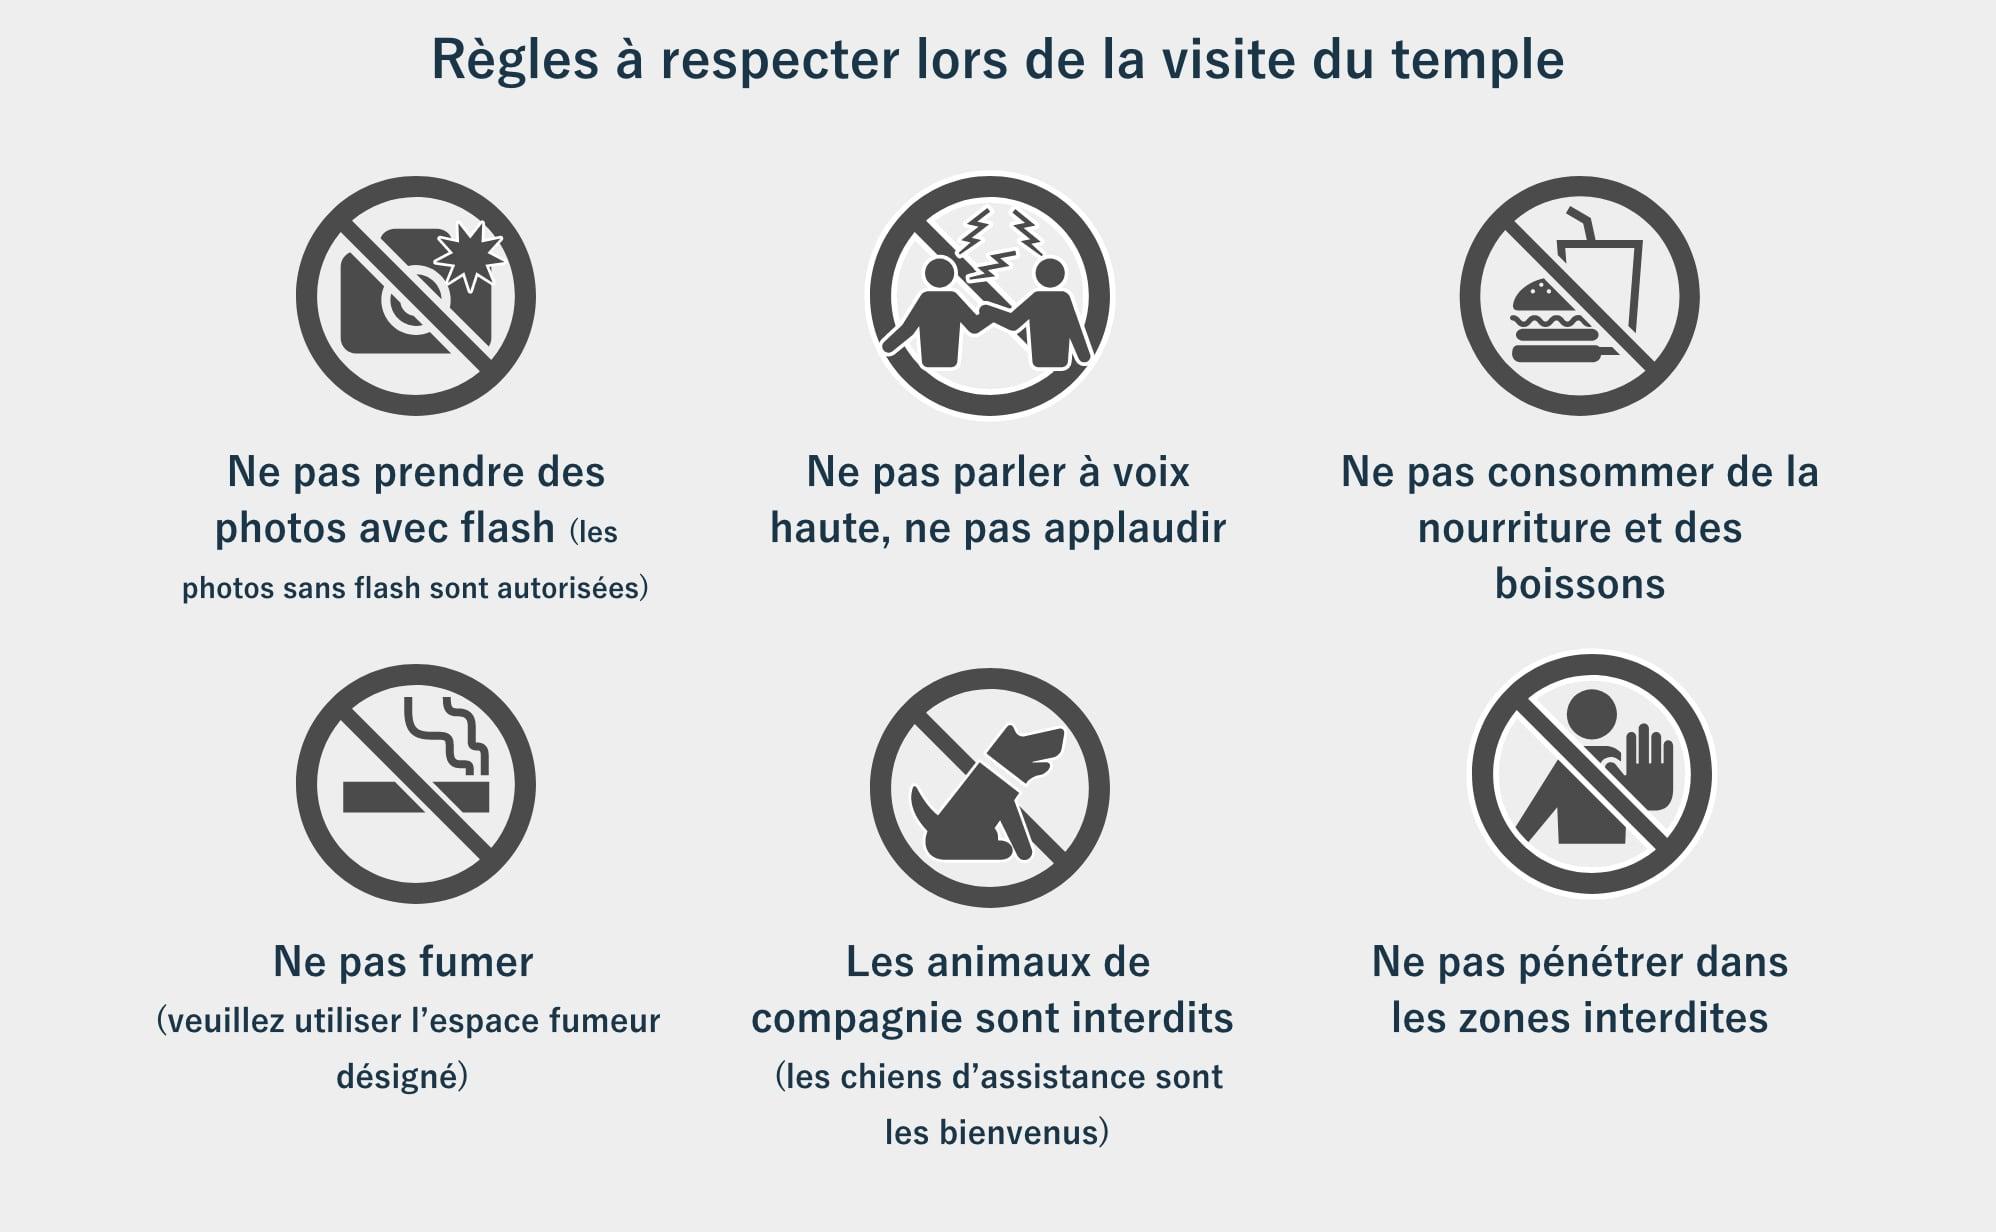 Règles à respecter lors de la visite du temple